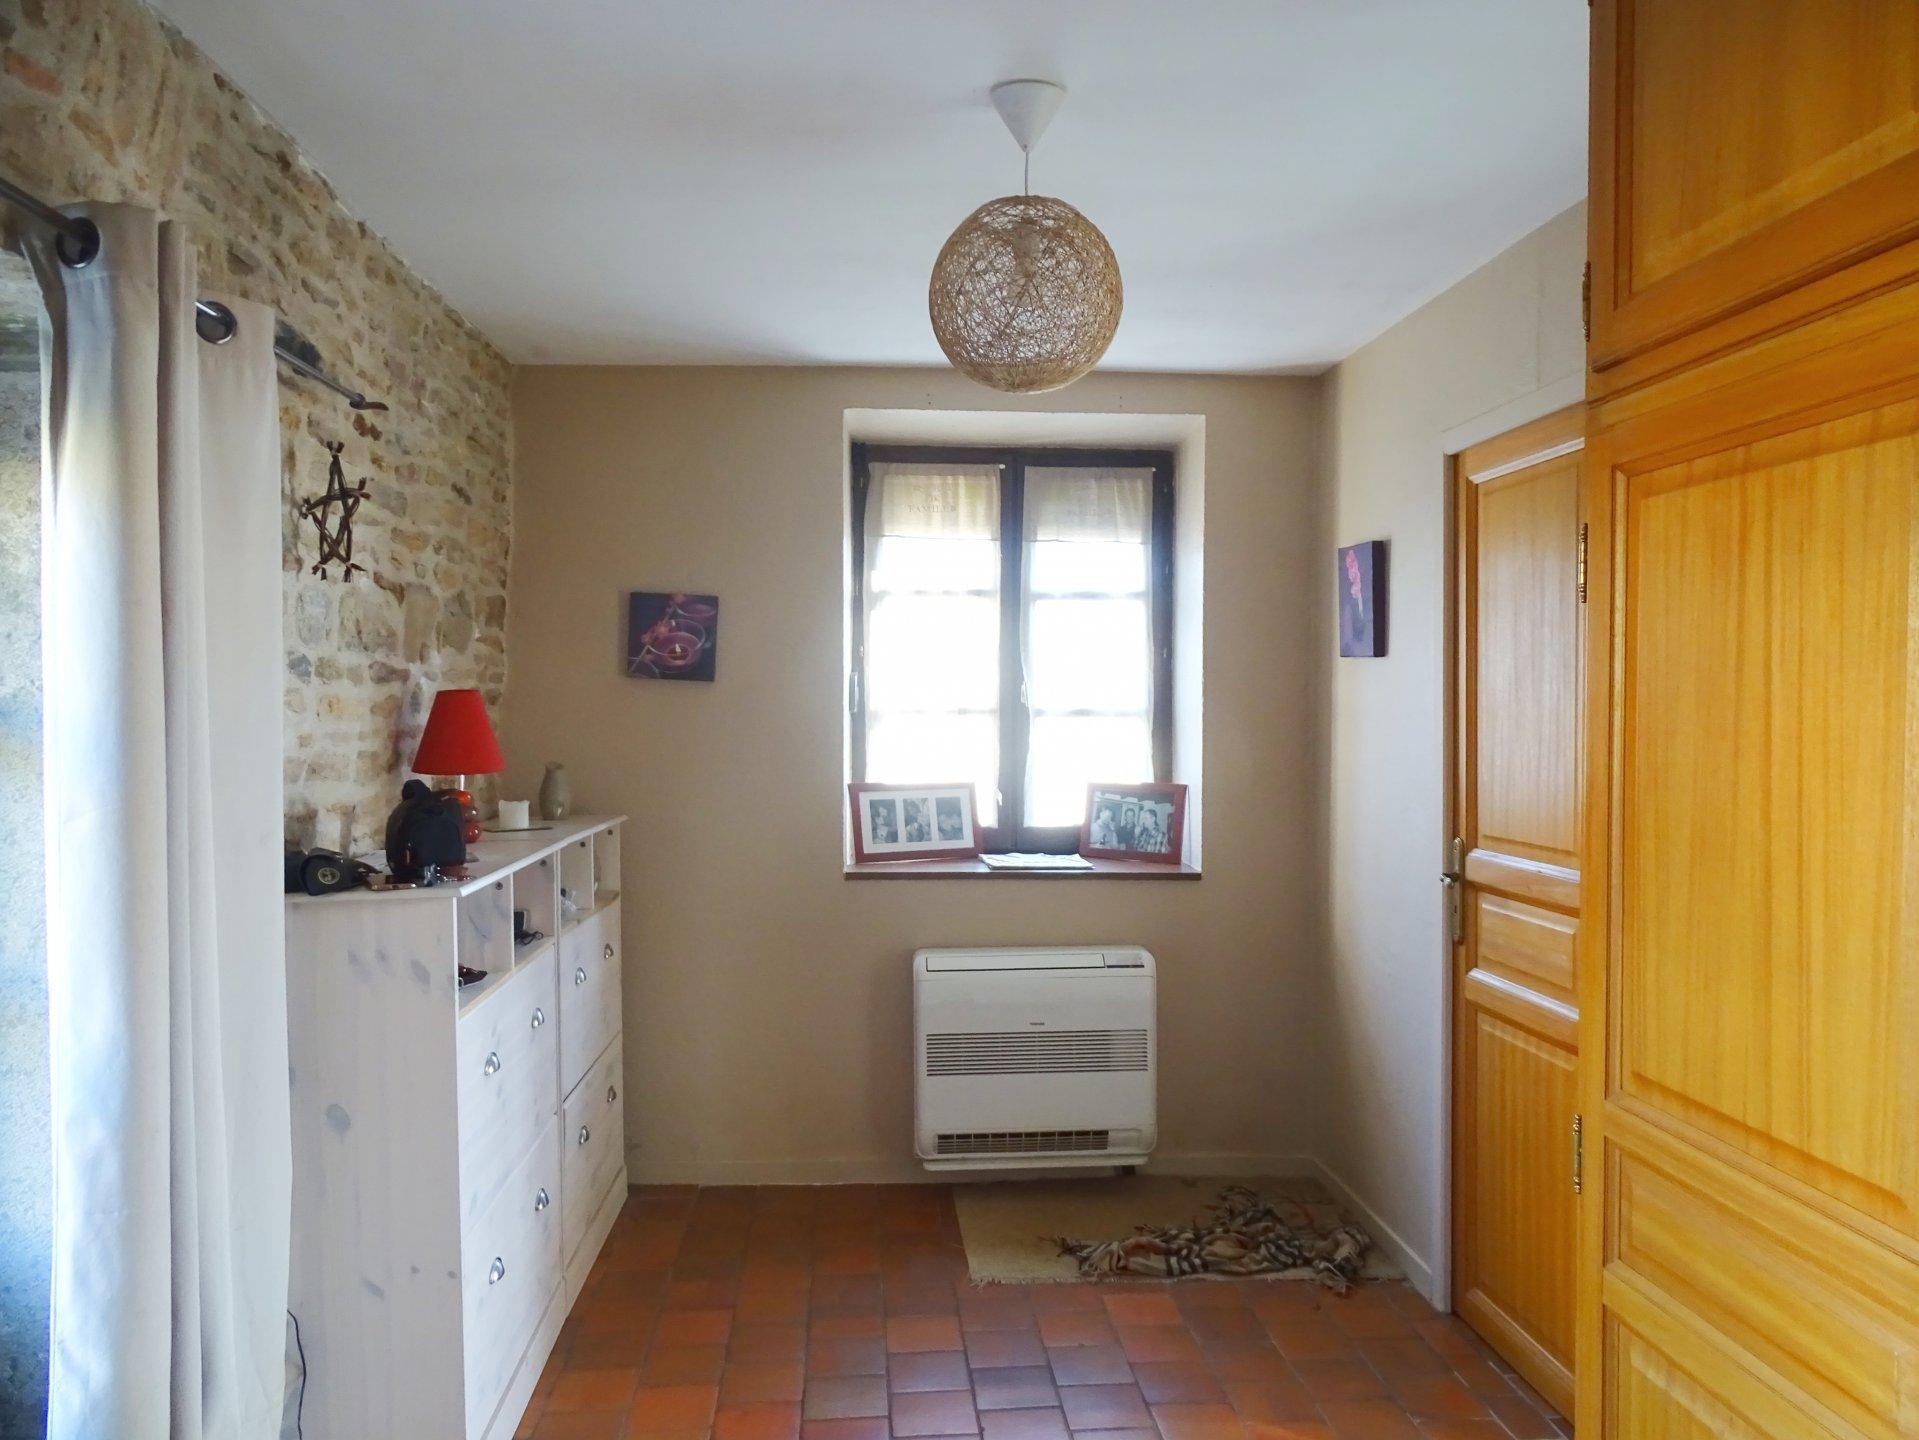 Verzé, au calme, venez découvrir cette très belle maison vigneronne rénovée offrant une surface habitable de 180 m². Elle dispose d'une entrée desservant une vaste cuisine équipée, d'un salon, d'une salle à manger avec son accès à la terrasse (60 m²), d'une salle de bains (douche et baignoire), de quatre grandes chambres ainsi qu'un toilette avec lave mains. Vous serez séduits par ses beaux volumes, ses prestations de qualités, ainsi que sa vue dégagée. Véritable maison en pierre élevée sur caves avec dépendances. Honoraires à la charge du vendeur.